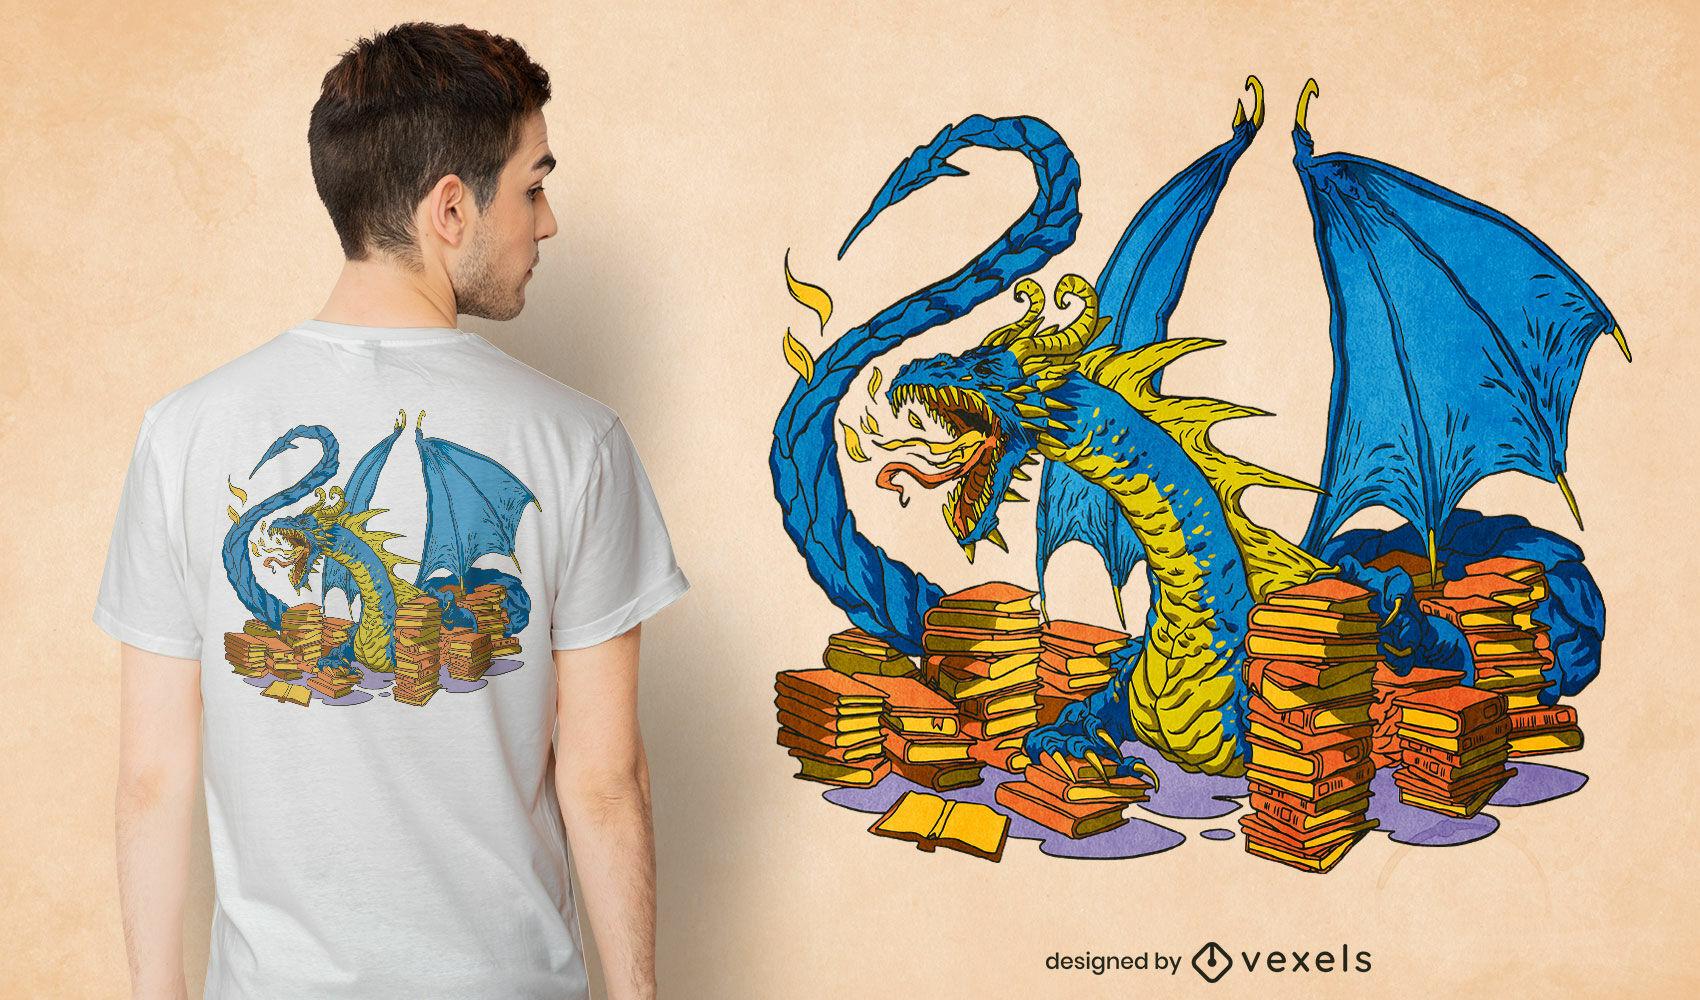 Dragón de biblioteca con diseño de camiseta de libros.